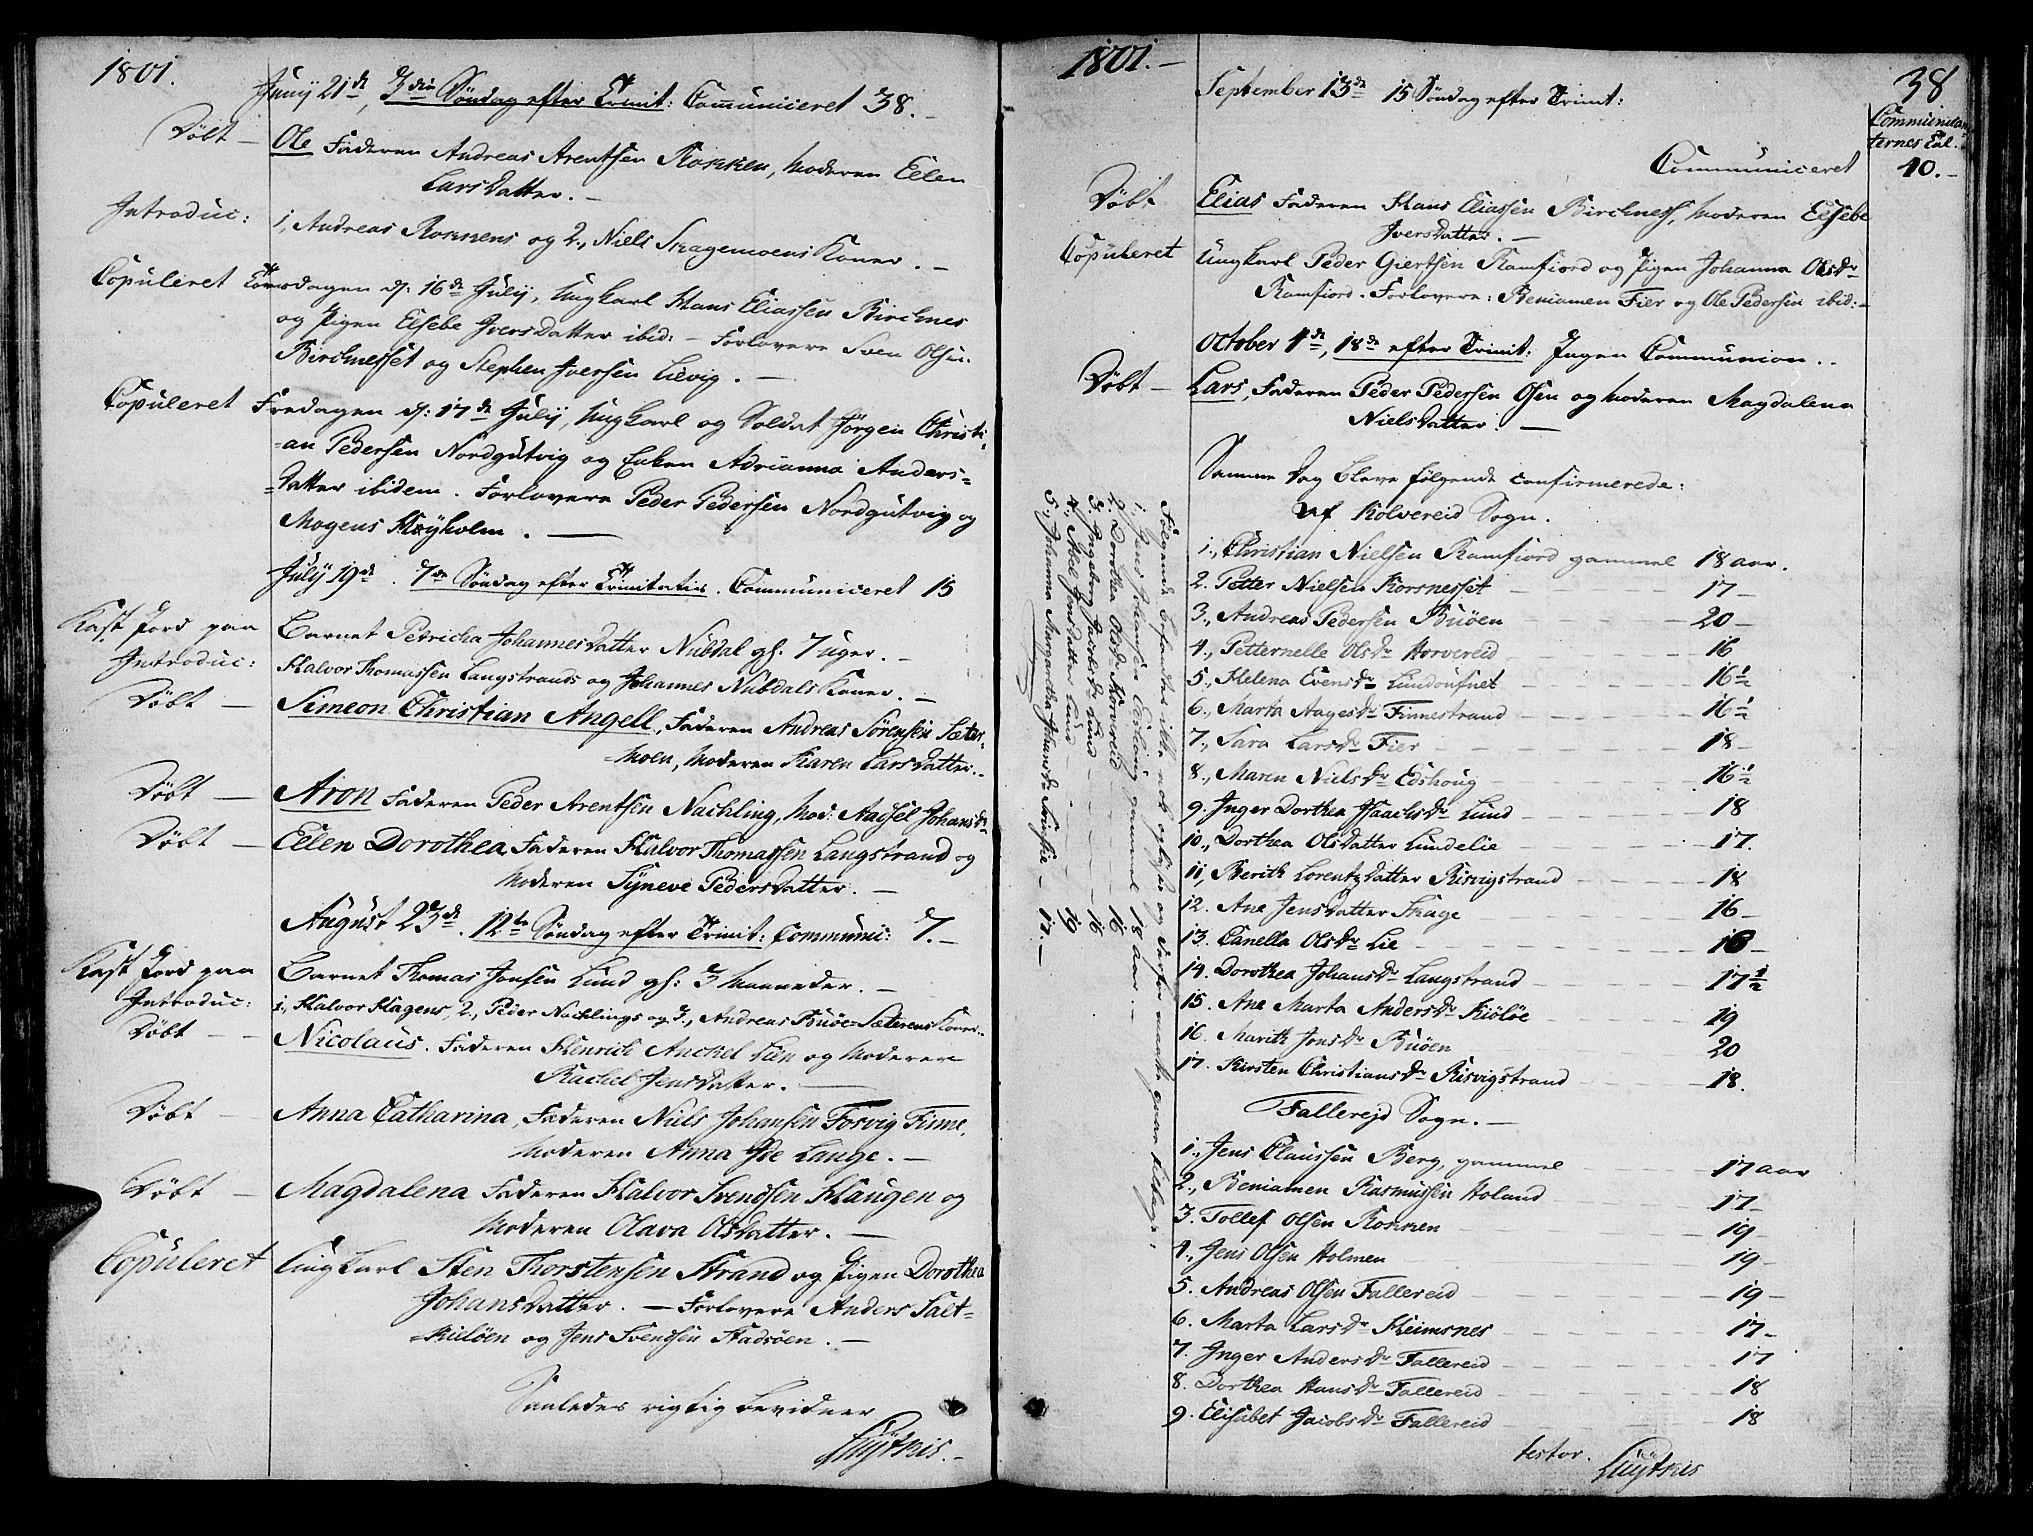 SAT, Ministerialprotokoller, klokkerbøker og fødselsregistre - Nord-Trøndelag, 780/L0633: Ministerialbok nr. 780A02 /1, 1787-1814, s. 38